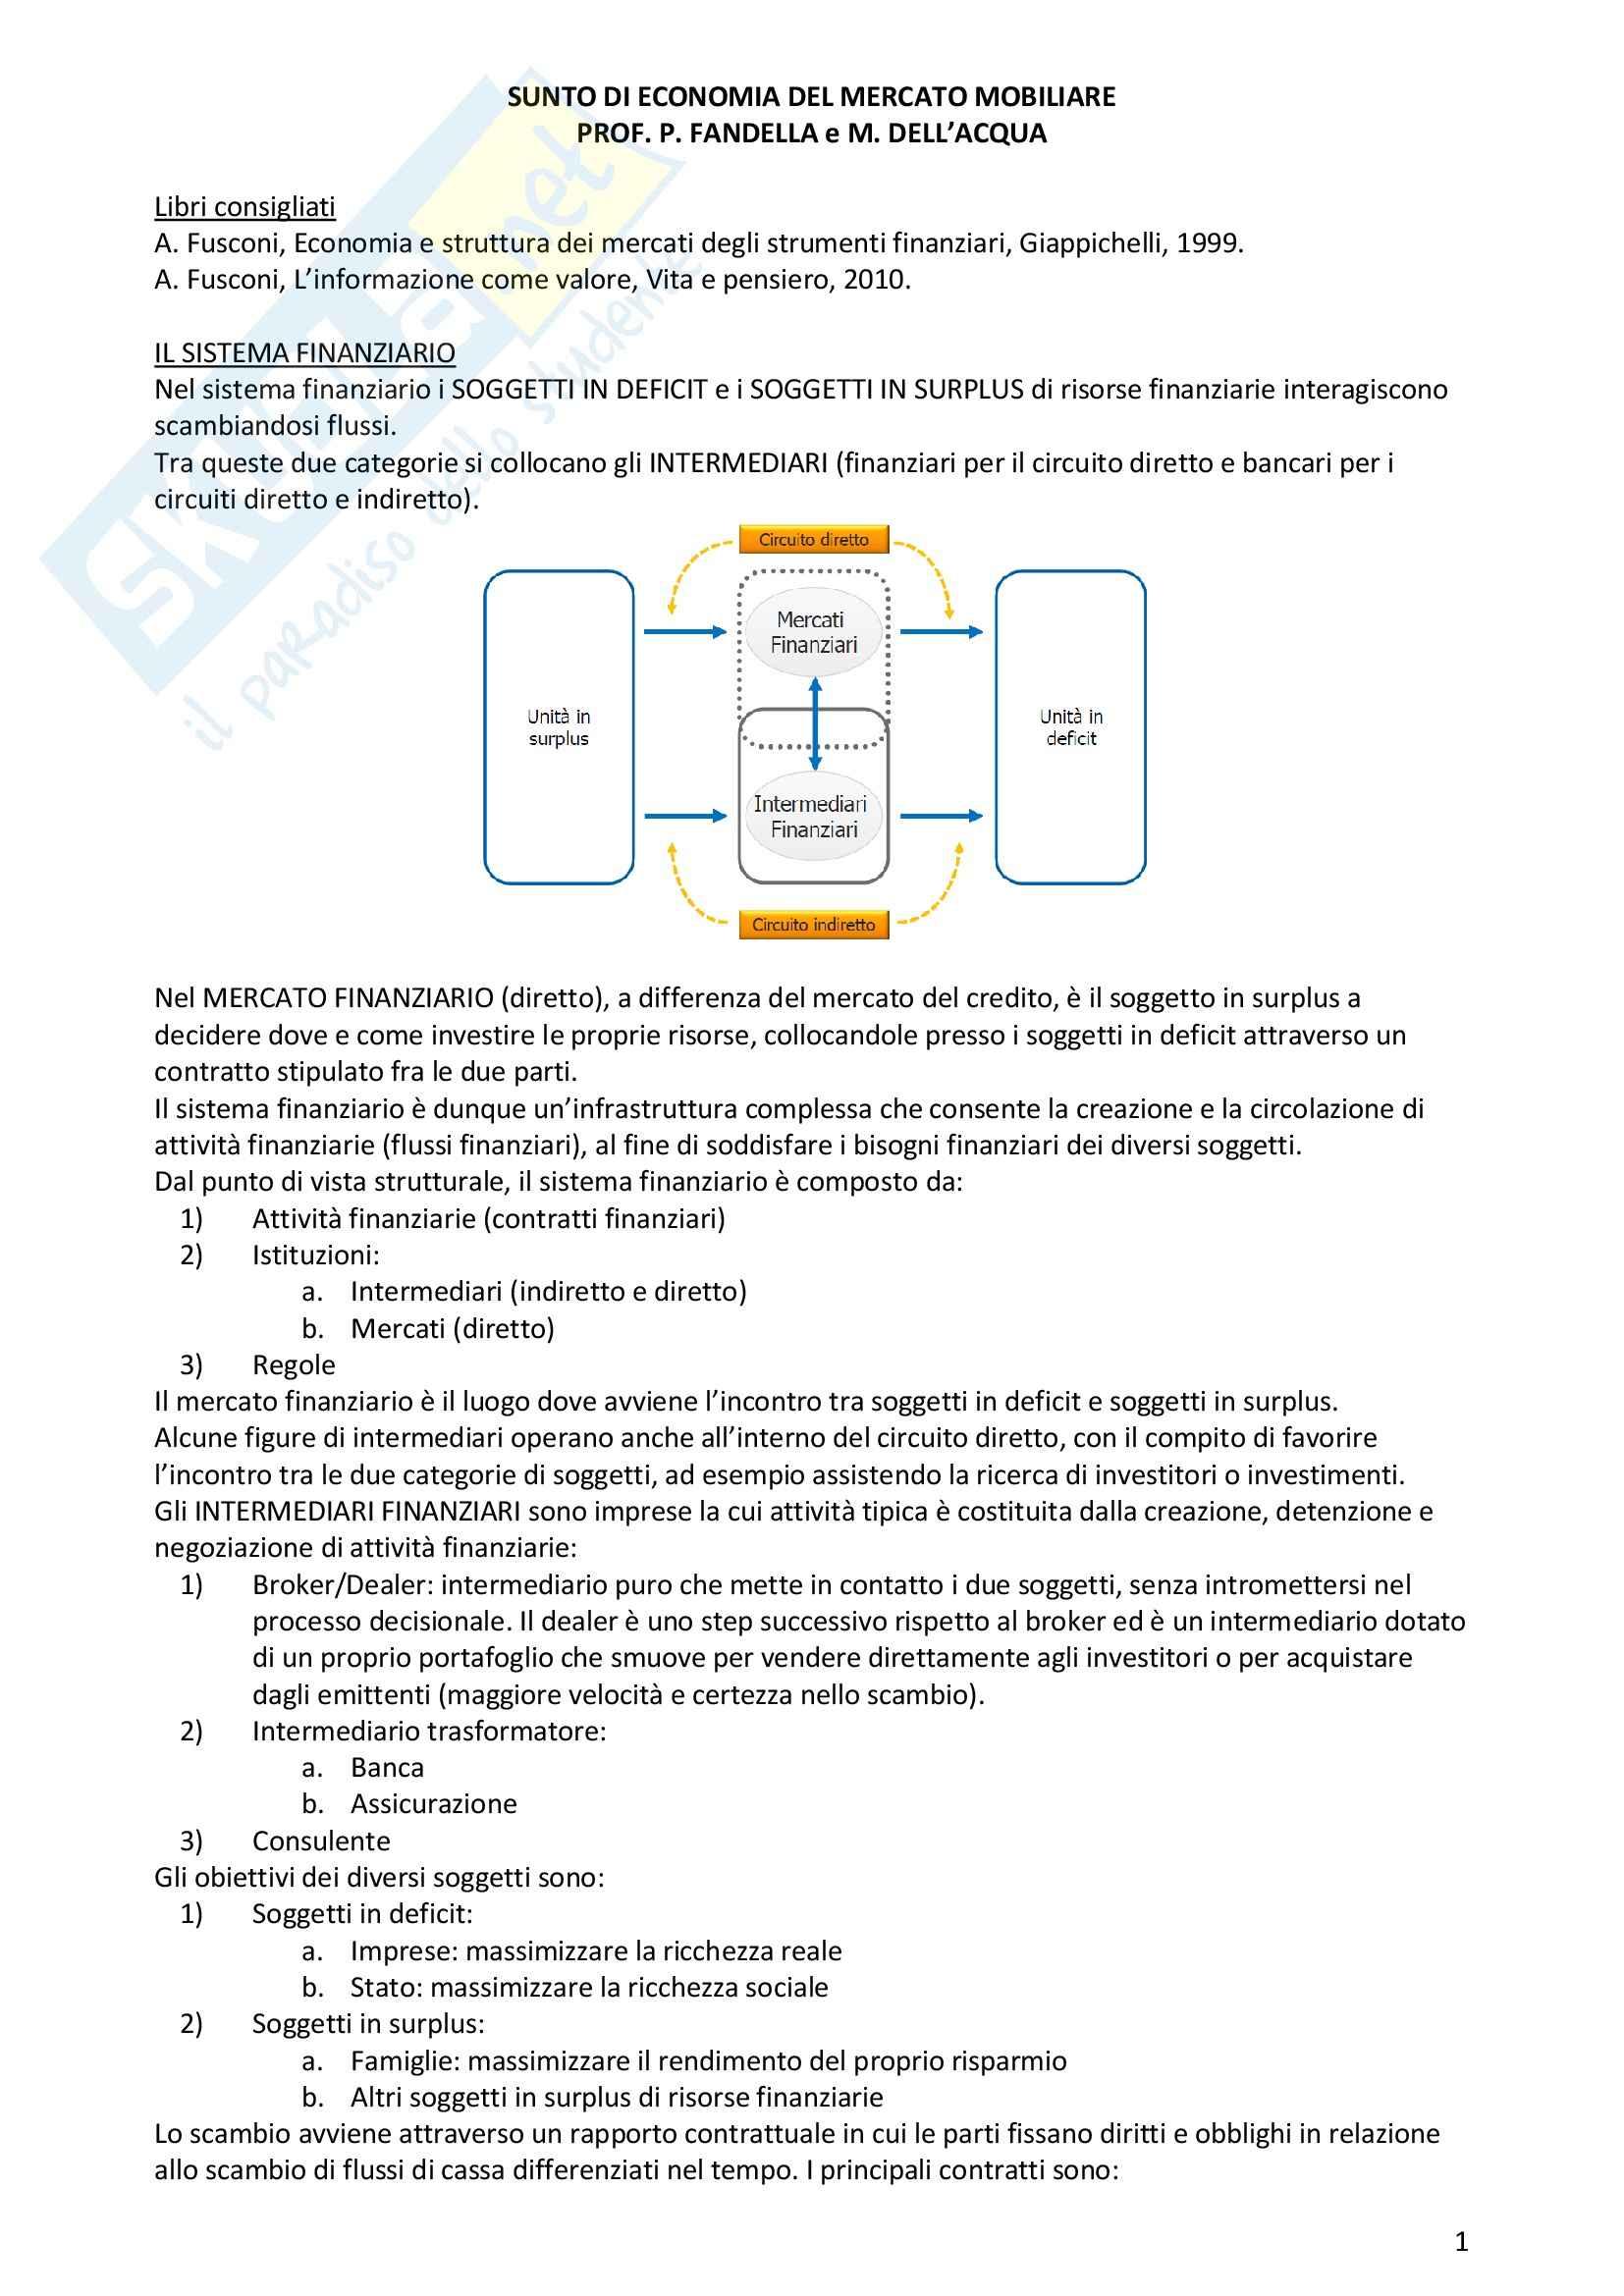 Riassunto esame Economia del Mercato Mobiliare, prof. Fandella,  libro consigliato Economia e struttura dei mercati degli strumenti finanziari, Fusconi